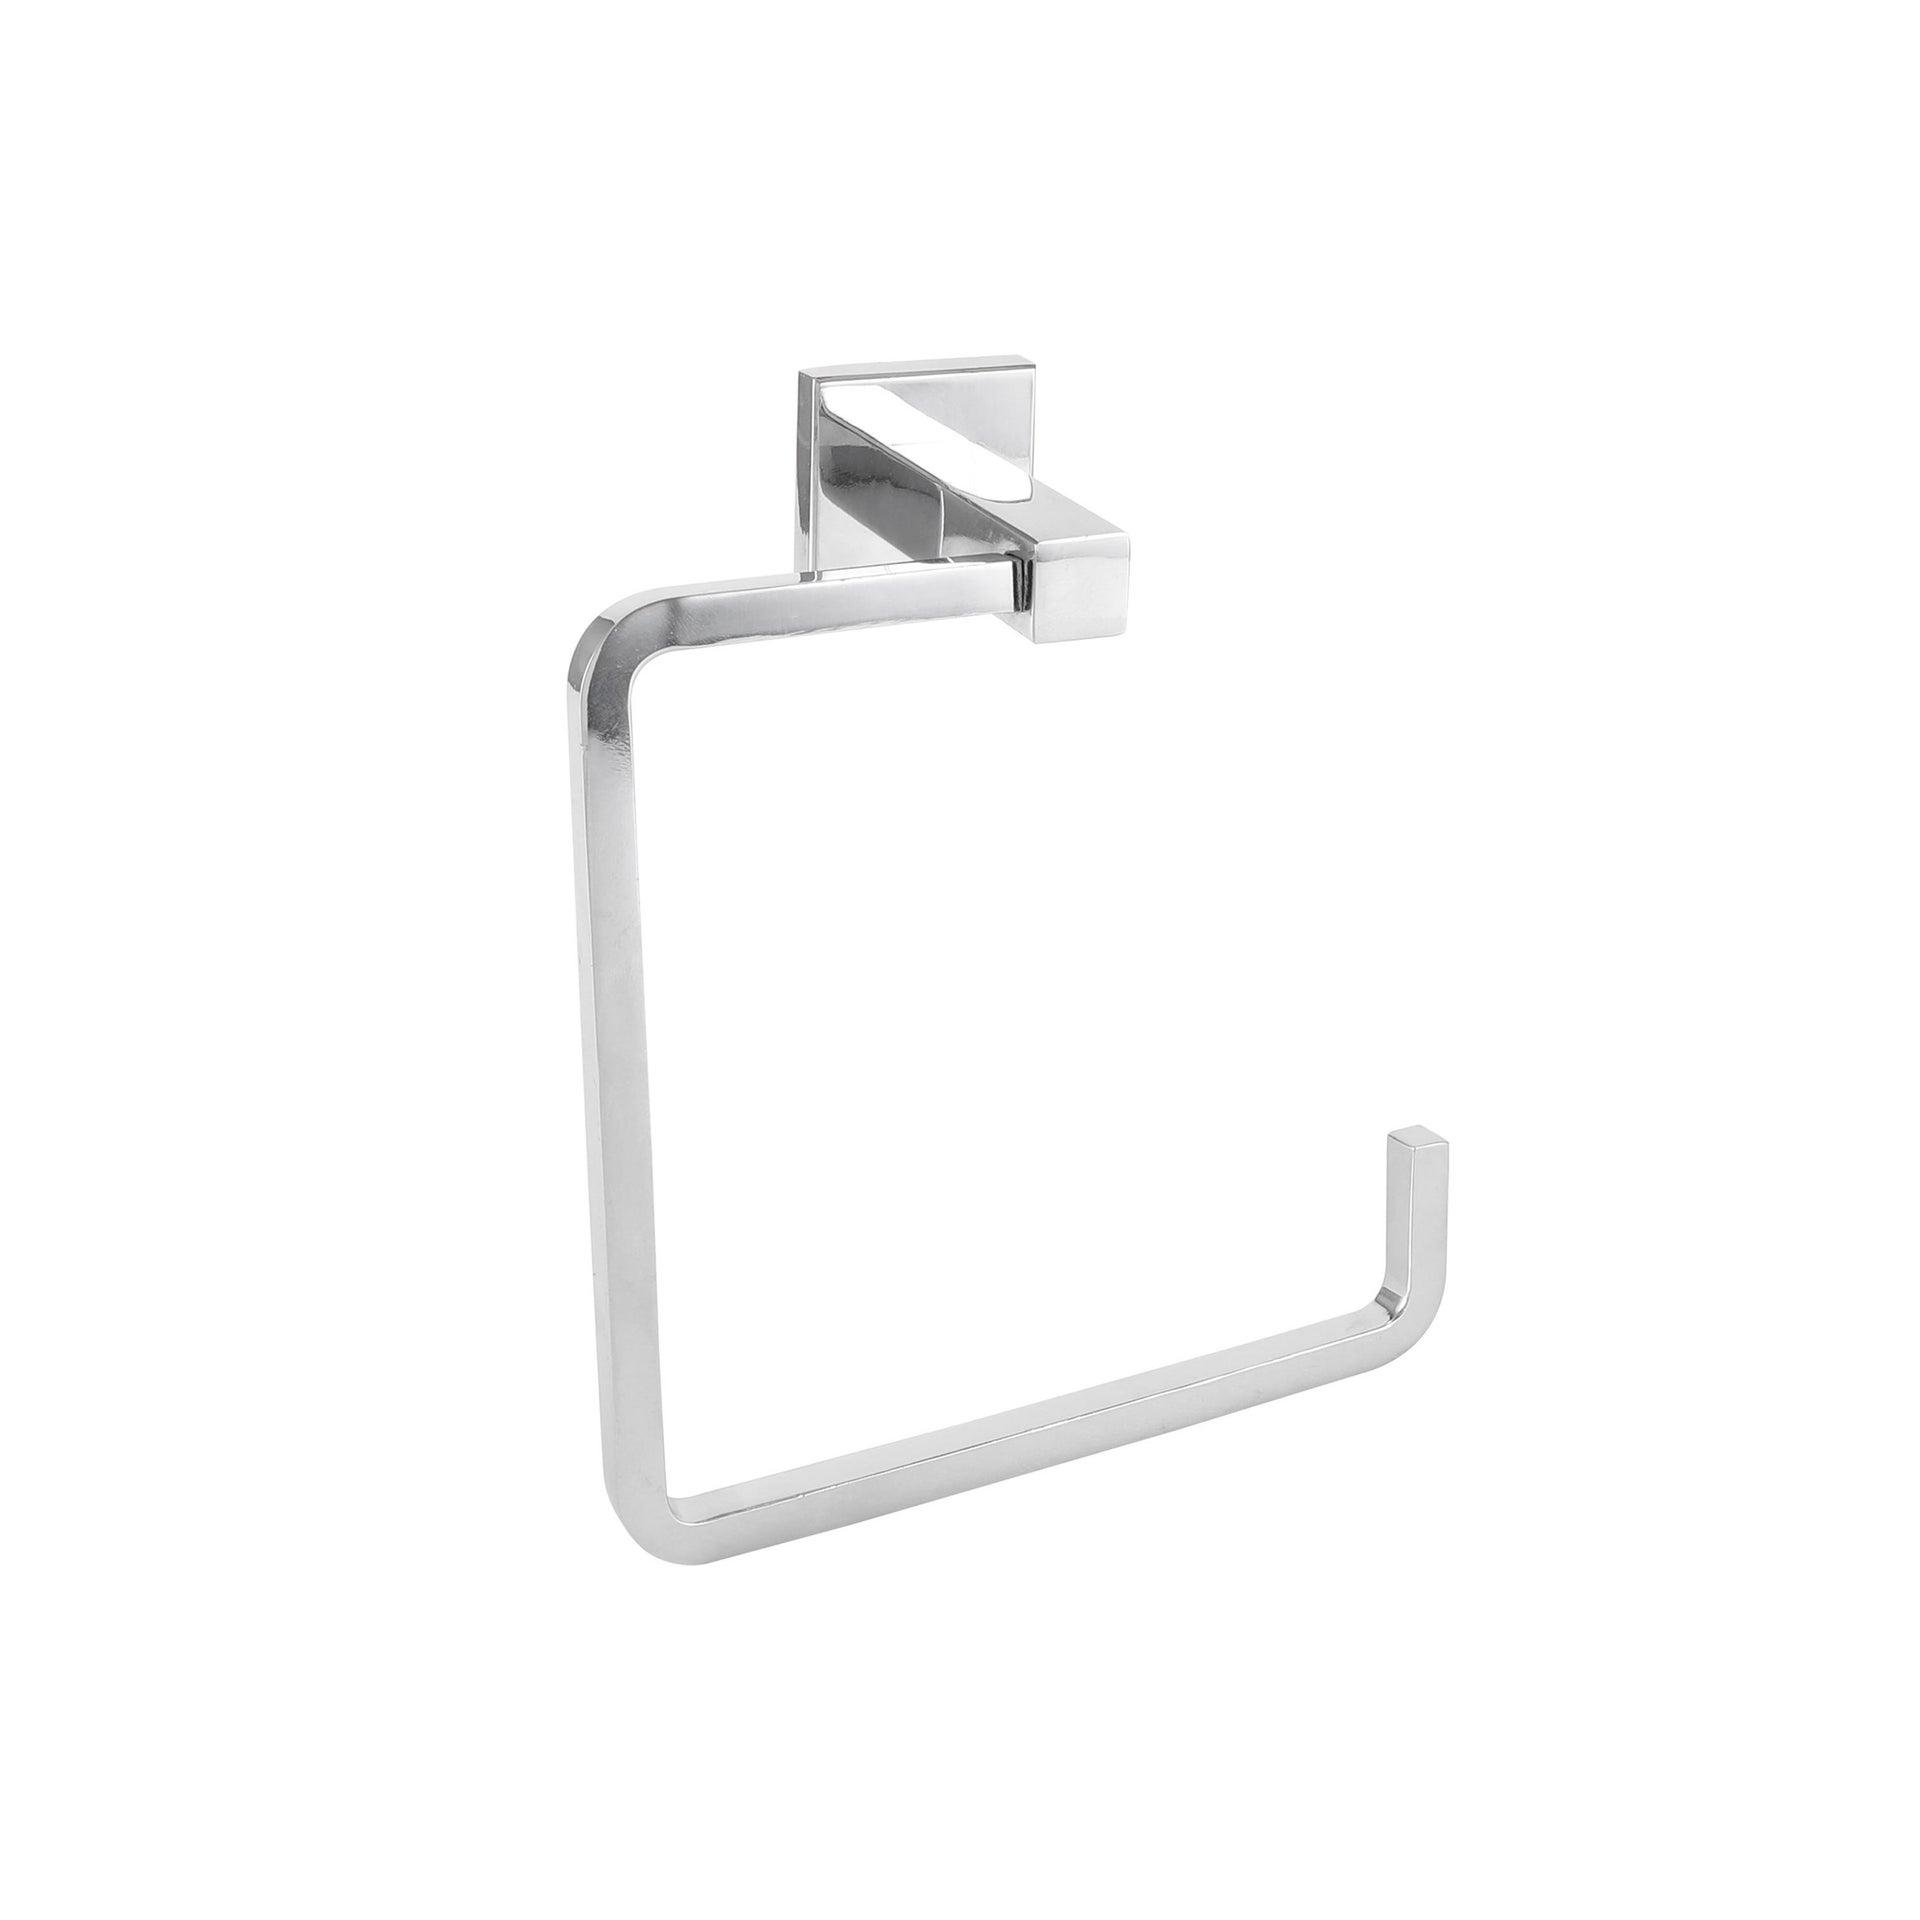 Porta salviette ad anello argento cromo lucido L 14.78 cm - 1